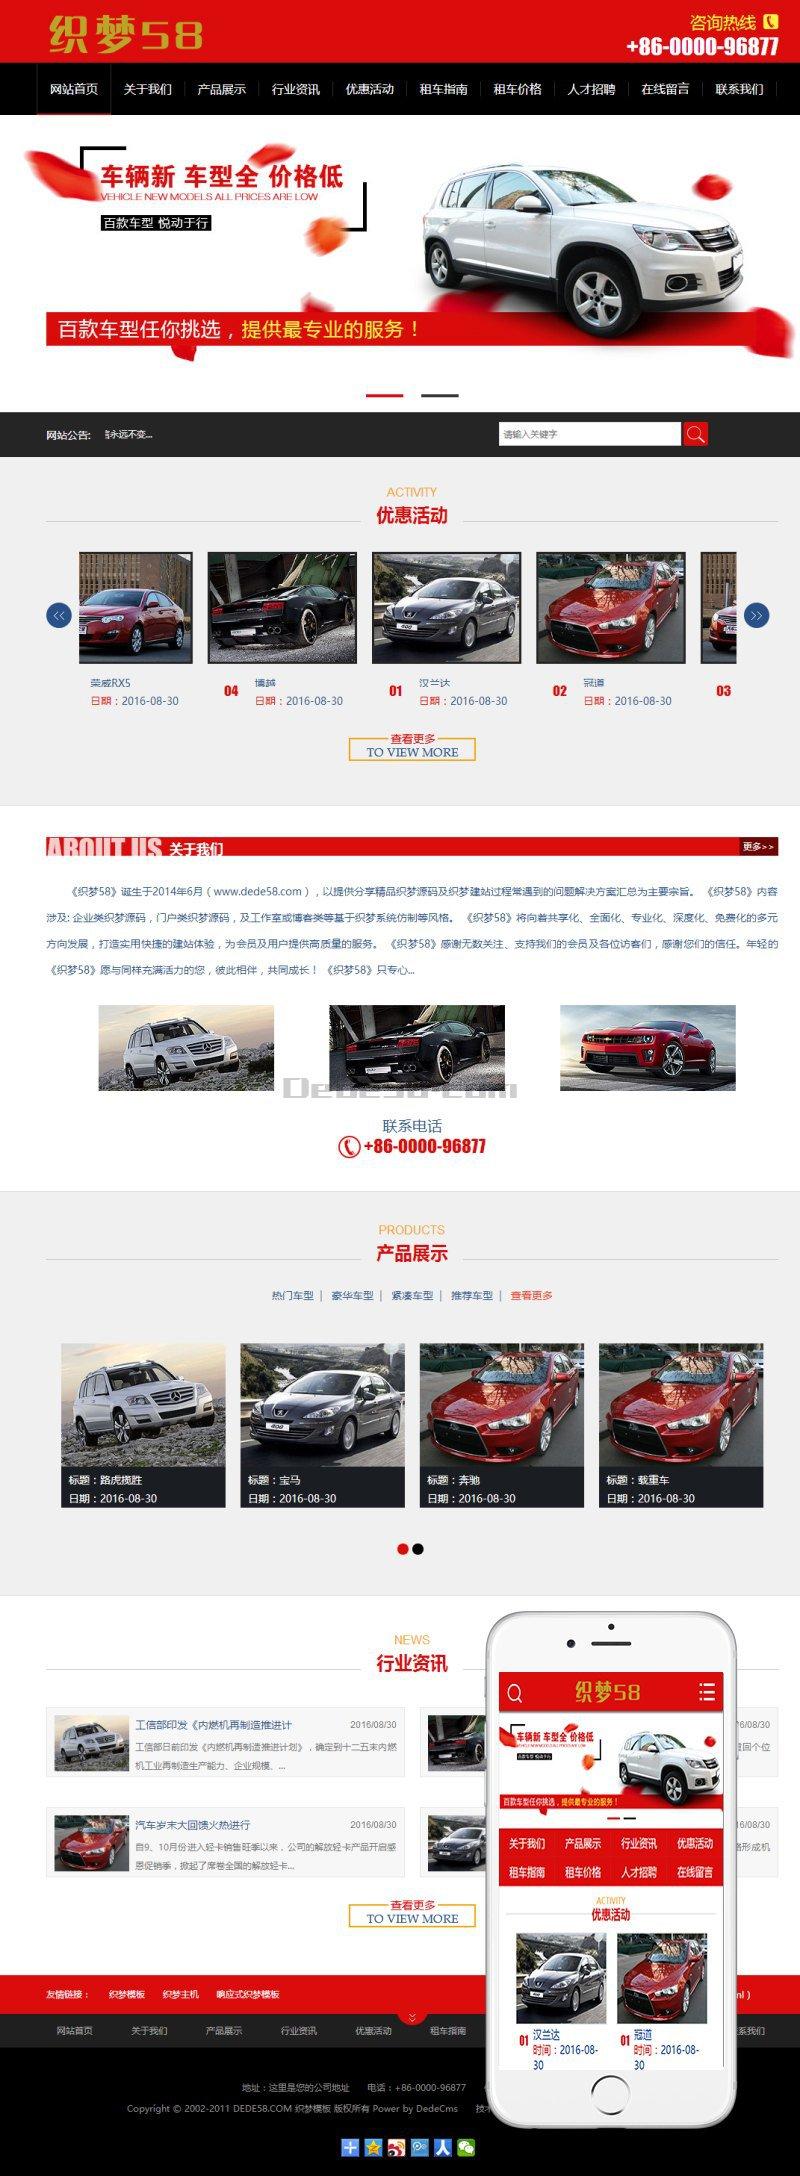 汽车租赁服务类网站源码 dedecms织梦模板(带手机移动端)+PC+移动端+利于SEO优化 第1张